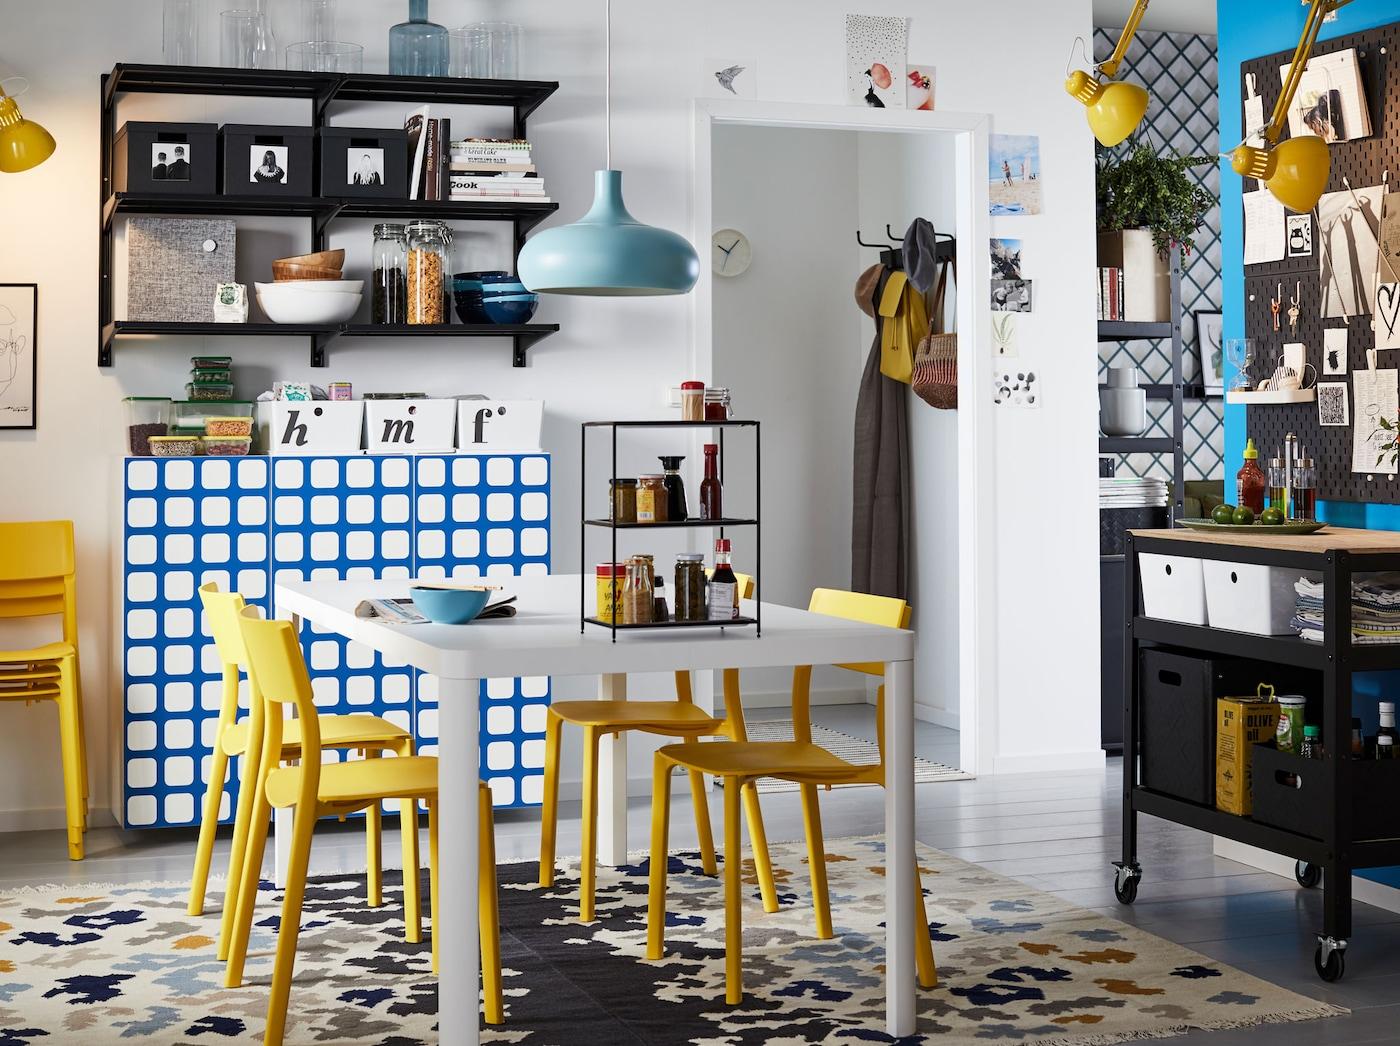 Crie o seu espaço de refeição partilhado com a mesa de refeição TINGBY, leve e em branco, as cadeiras JANINGE, em amarelo, e a despensa aberta com as prateleiras ALGOT para uma limpeza fácil e acesso à loiça.